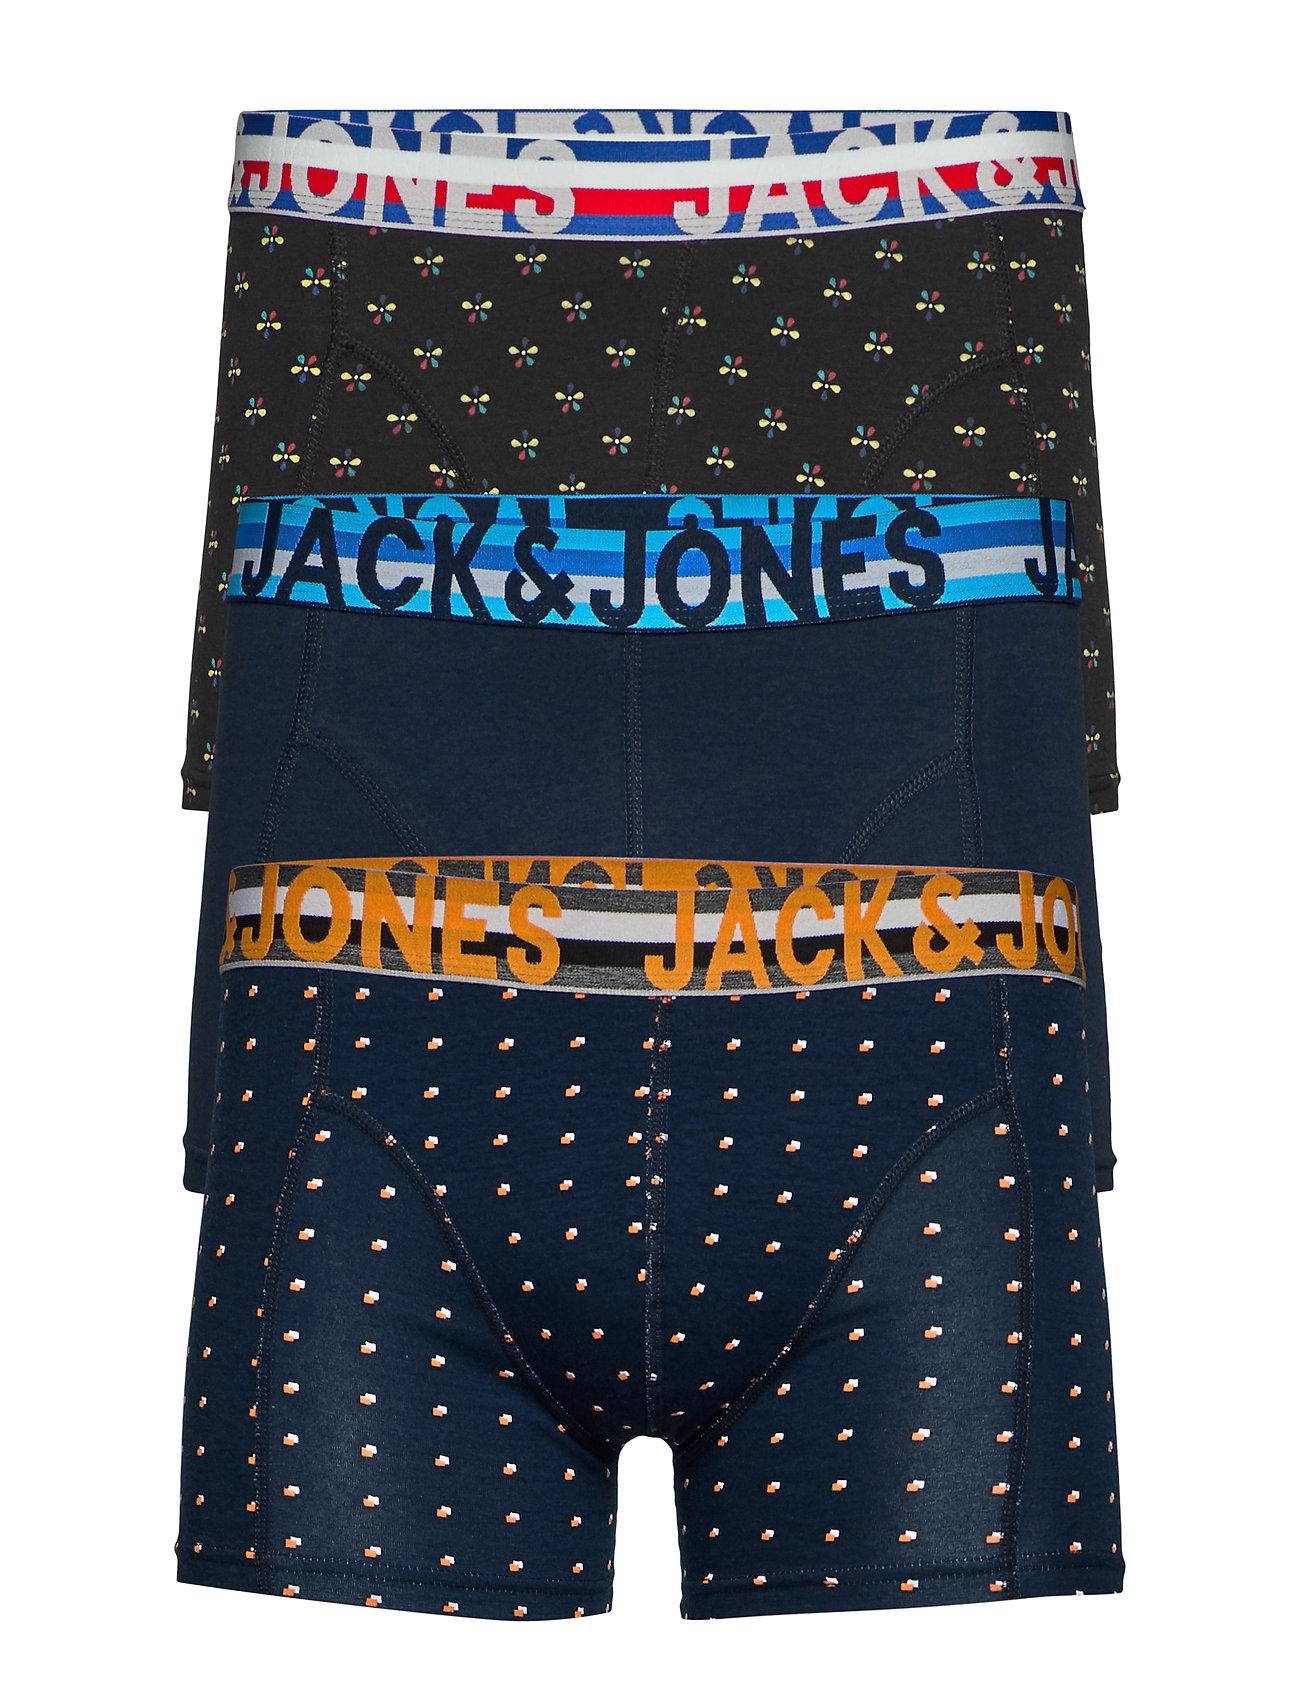 Image of Jachenrik Trunks 3 Pack Noos Boxershorts Multi/mønstret Jack & J S (3286392133)